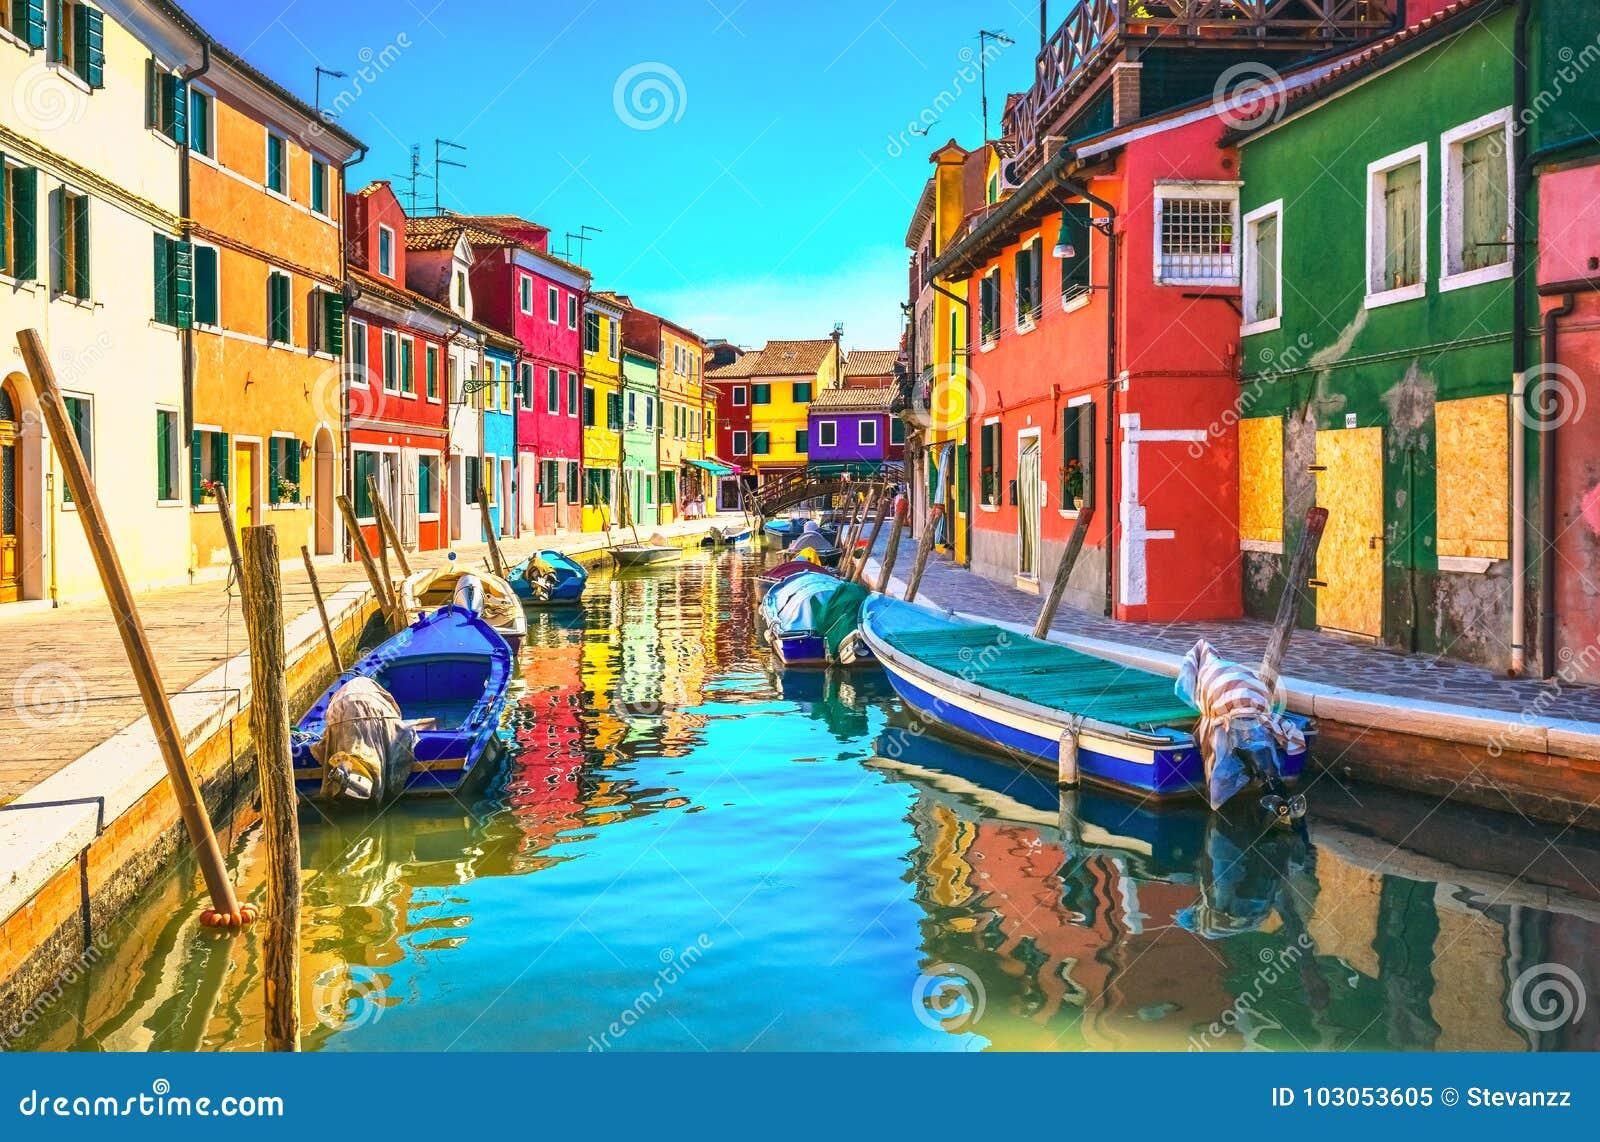 Señal de Venecia, canal de la isla de Burano, casas coloridas y barcos,